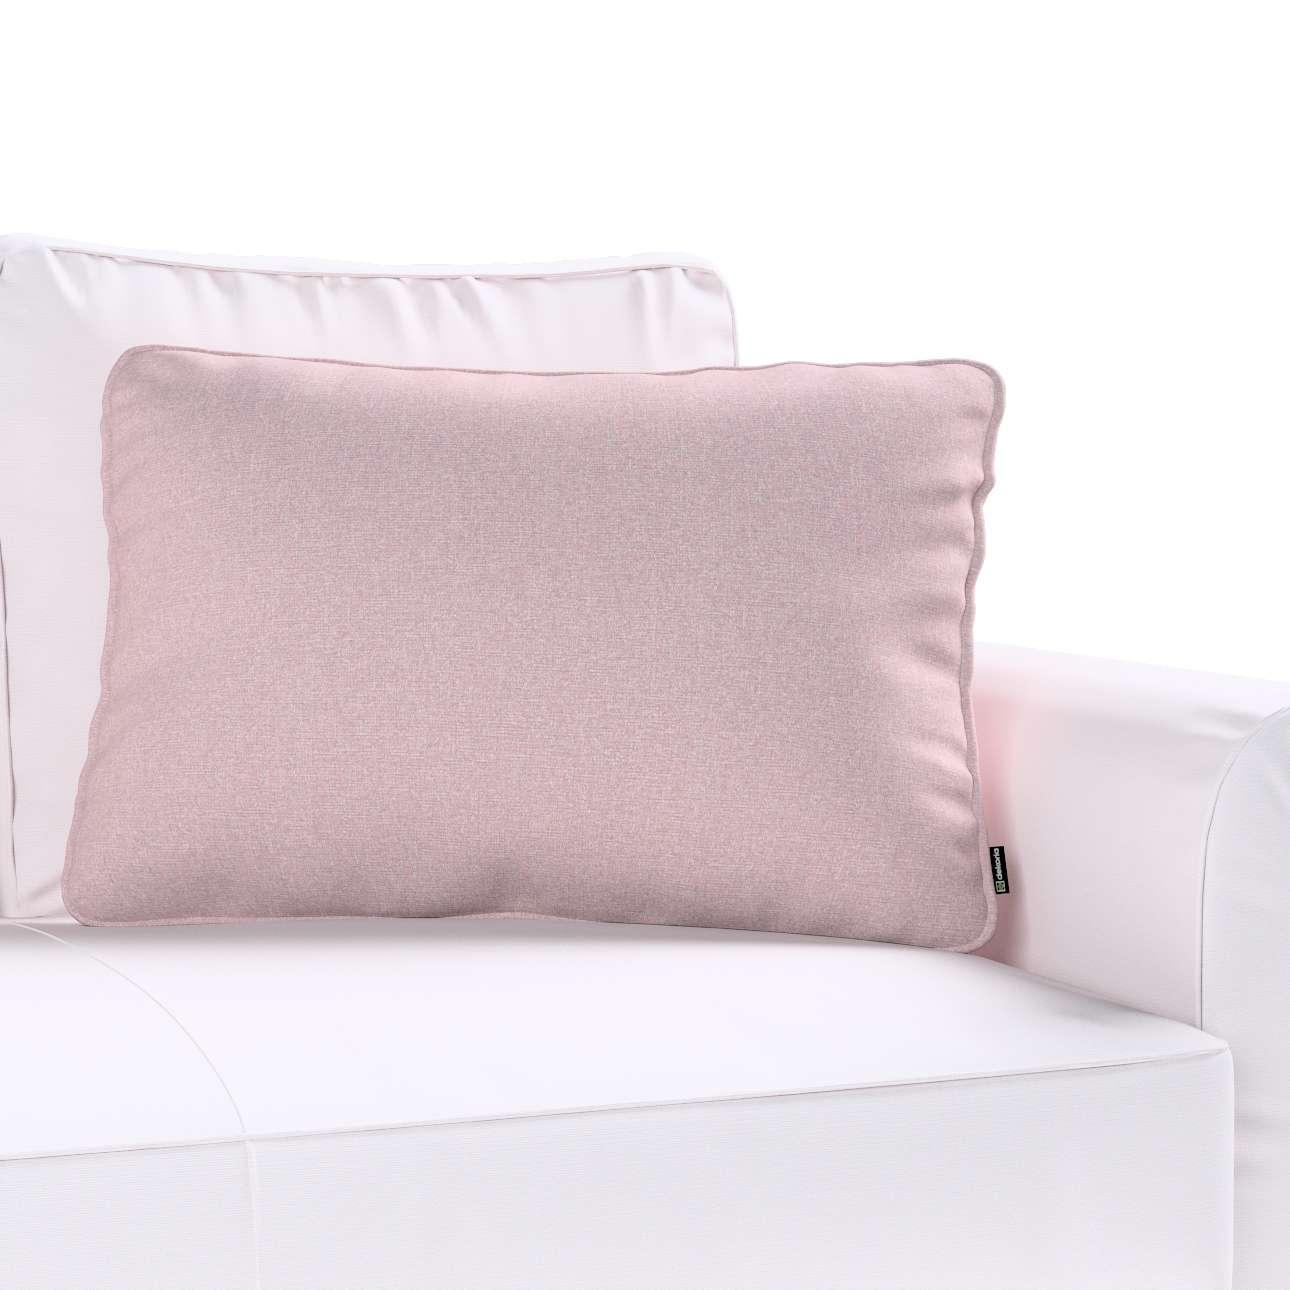 Poszewka Gabi na poduszkę prostokątna w kolekcji Amsterdam, tkanina: 704-51